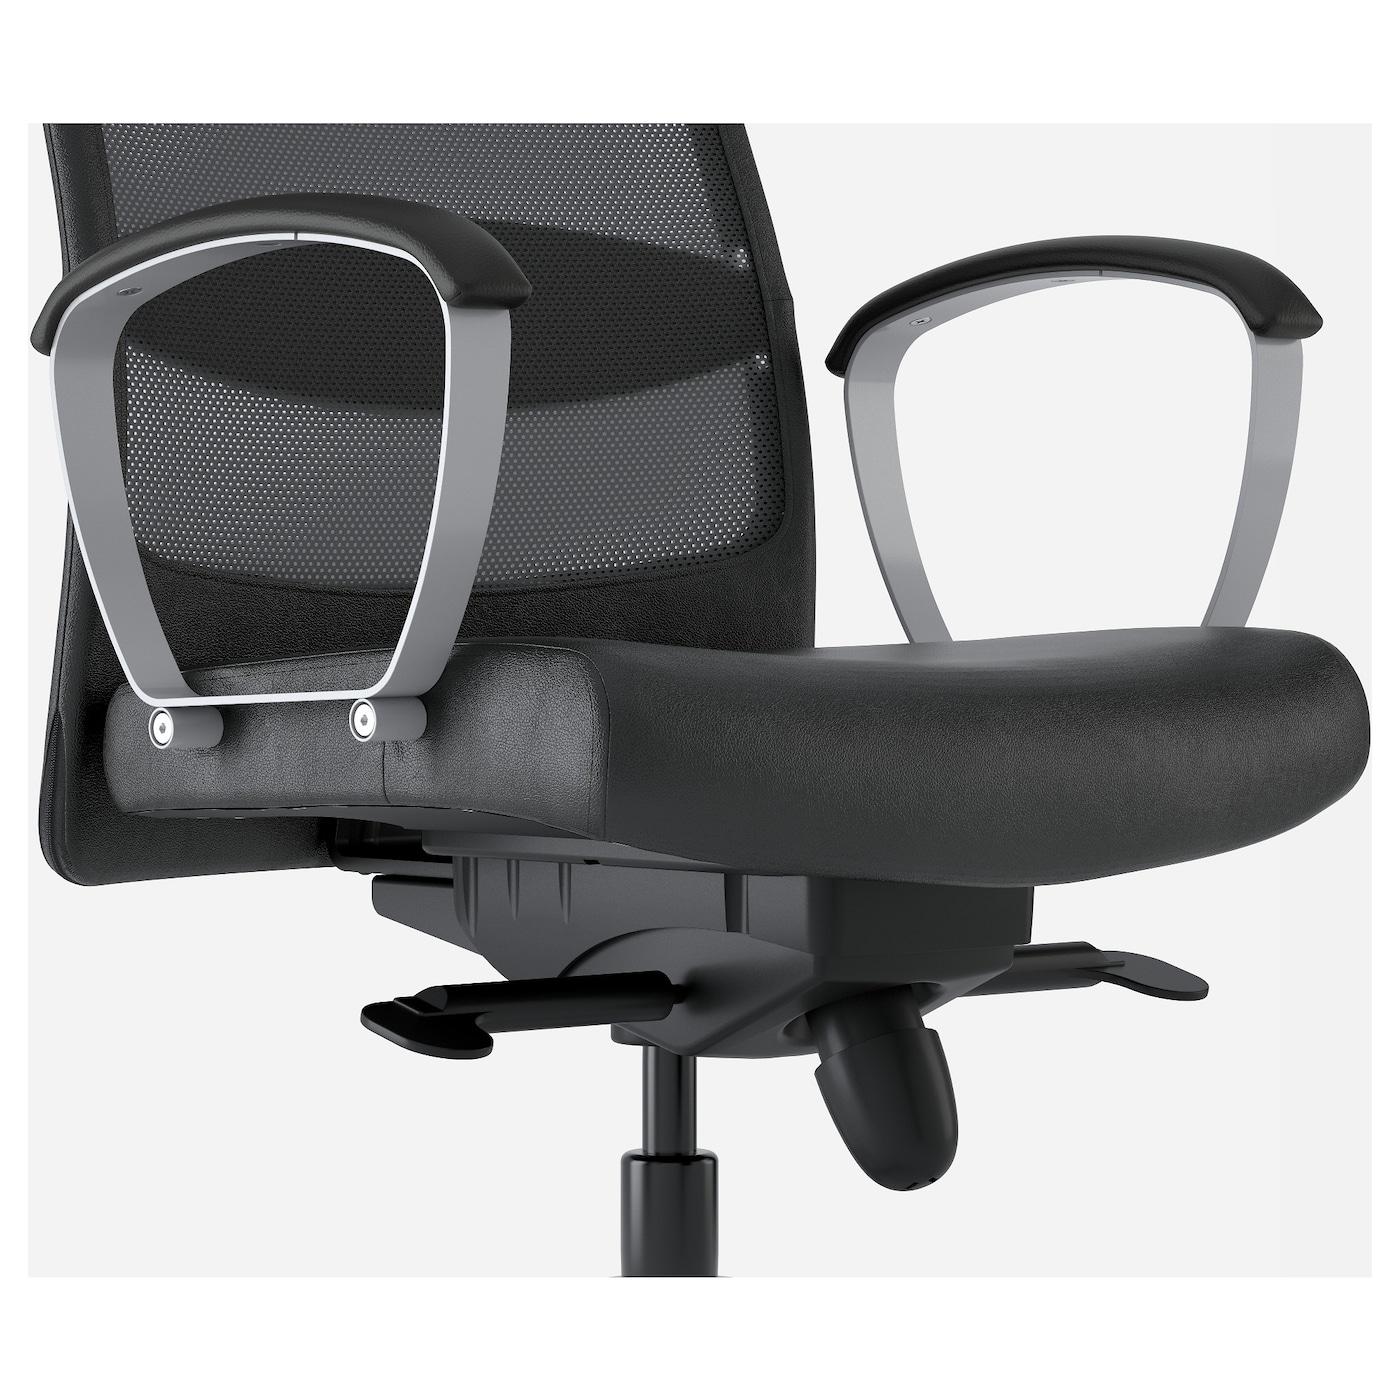 Bürostuhl Smart mit zwei verschiedenen Sitzflächen Jugendstuhl Kinderzimmer